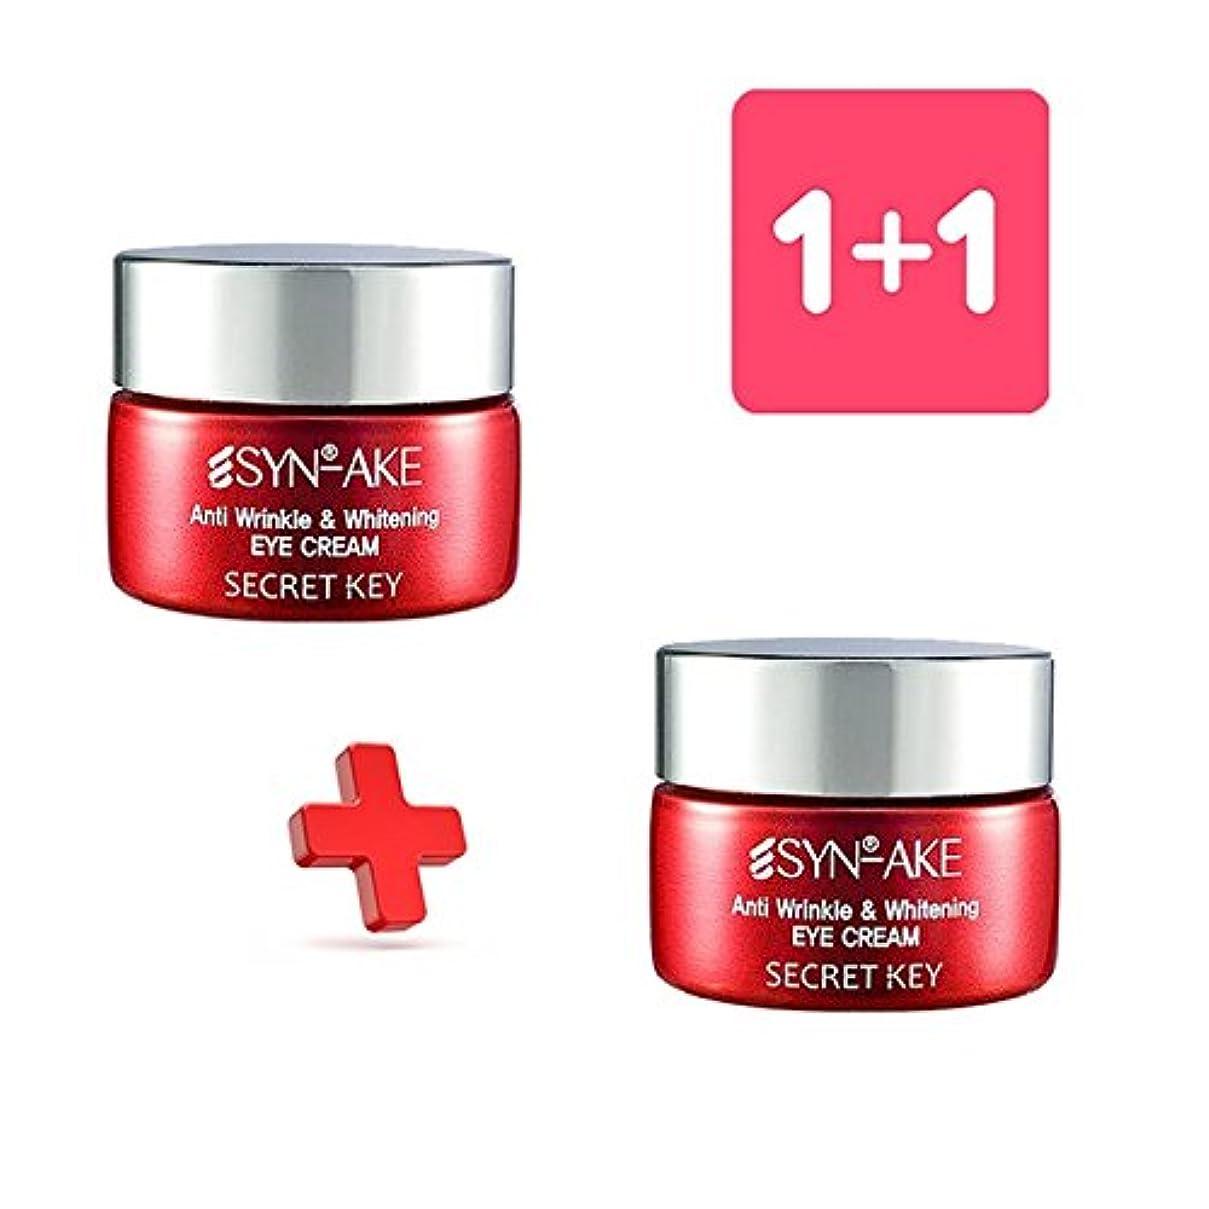 破壊的な割れ目十分Secret Key Synake Premiun Anti Wrinkle Whitening Eye Cream 1+1 Big Sale 15gx2Ea [並行輸入品]